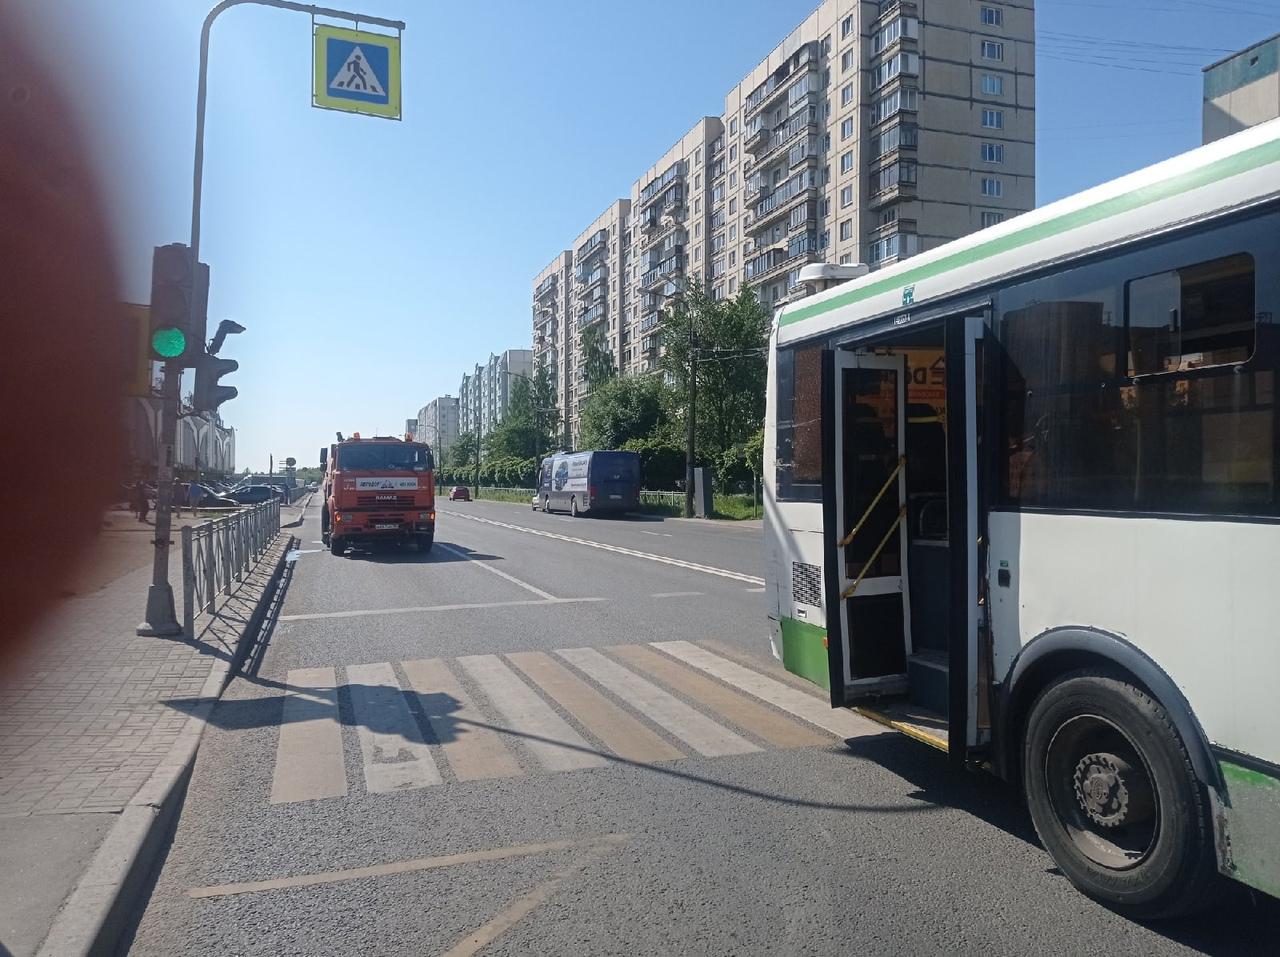 В Колпине автобус рвался к остановке и ушатал пылесос. Никто не пострадал.